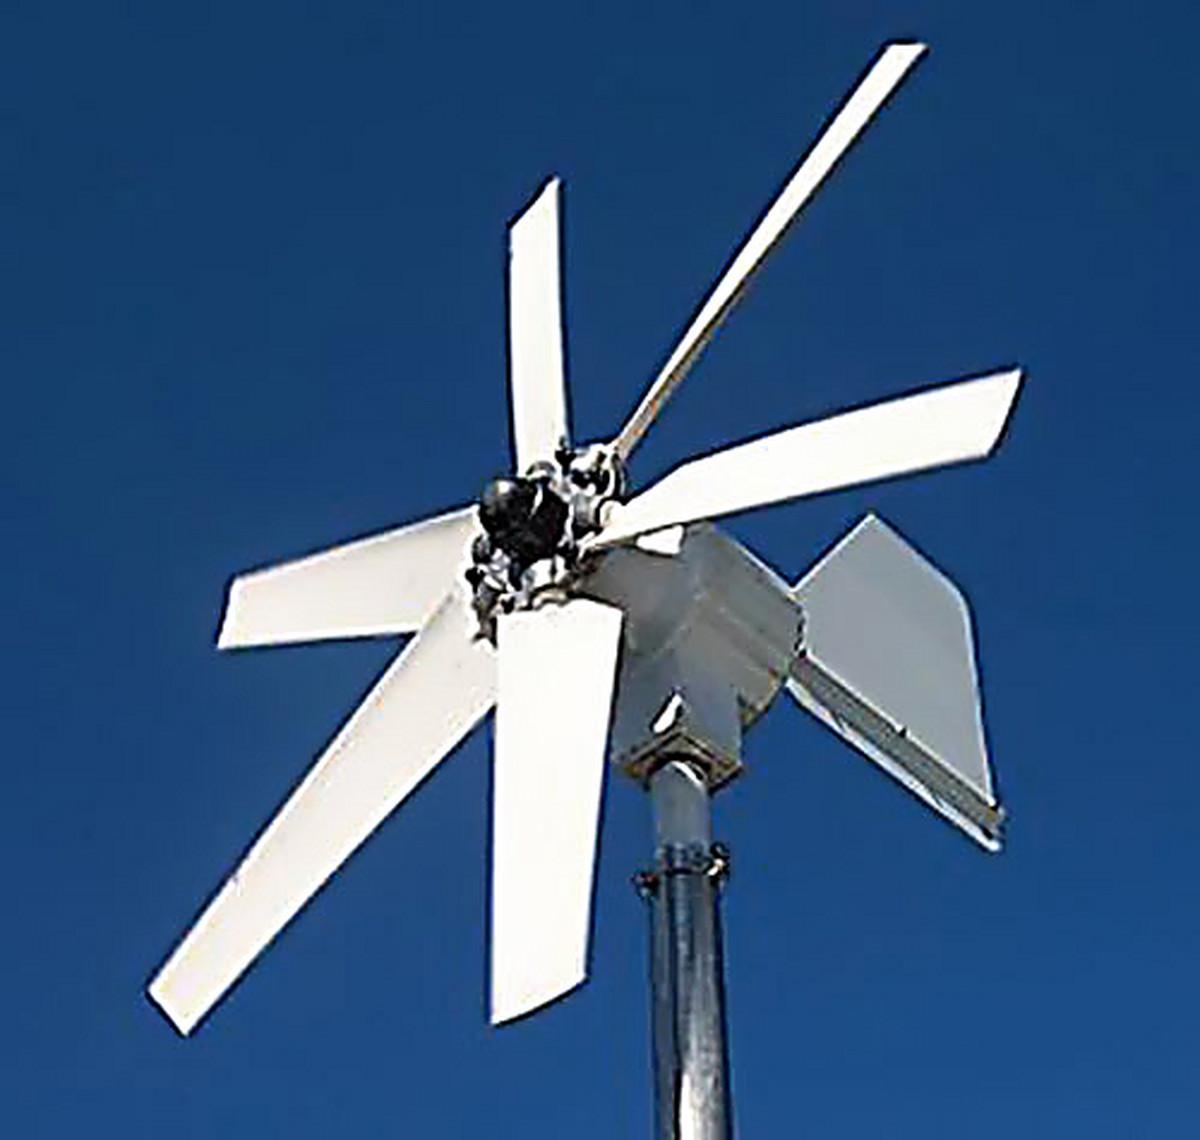 Торцевой аксиальный генератор для ветряка